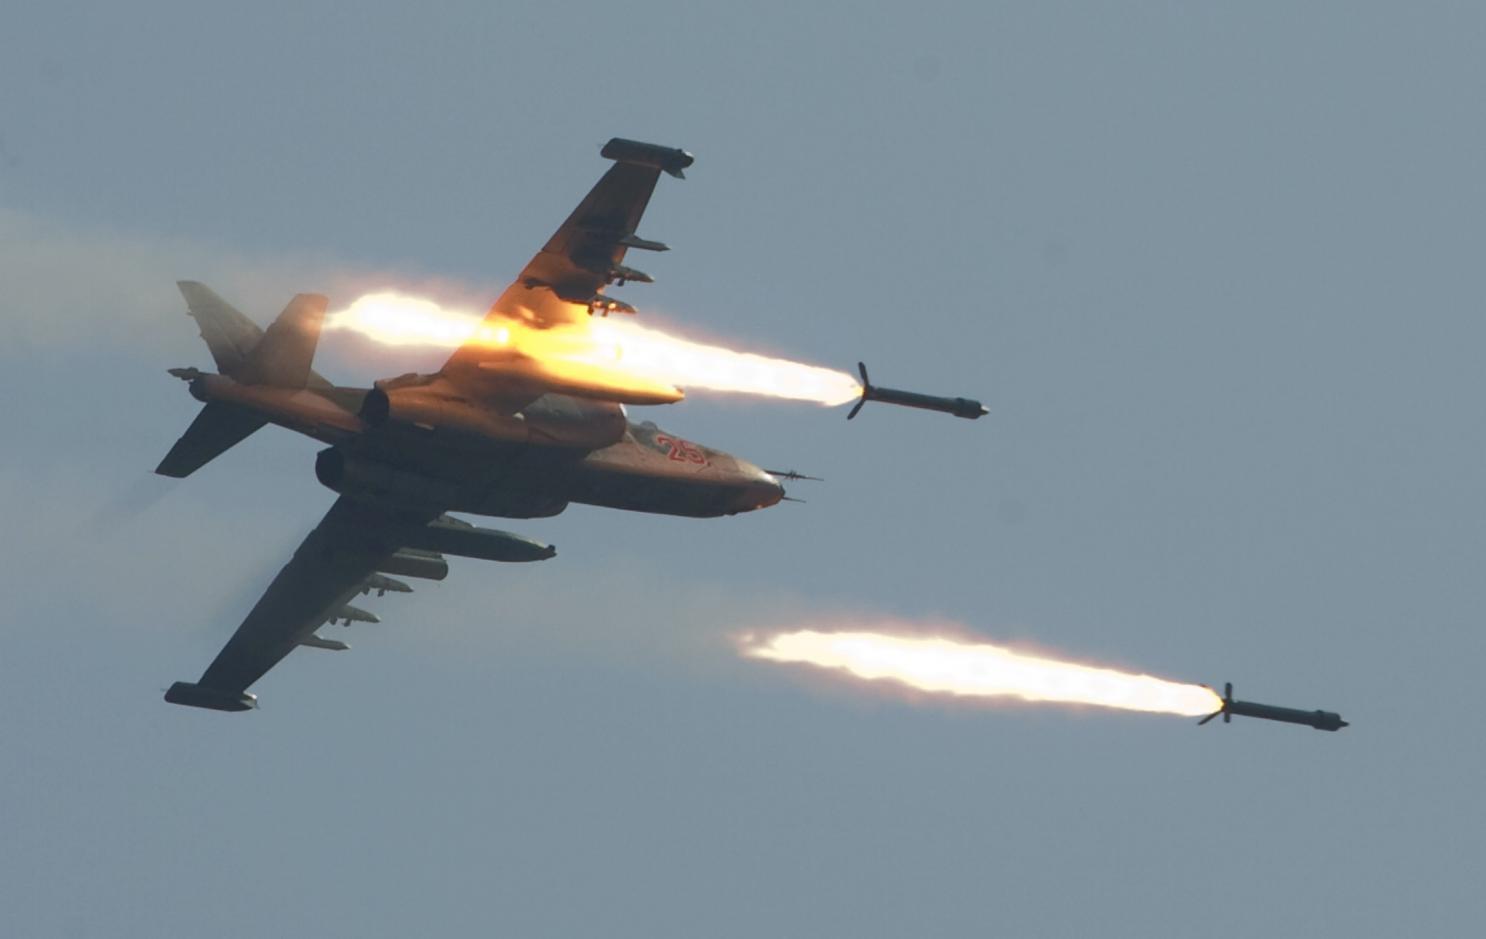 乌称俄苏25战机向乌舰发射导弹 致1人身负重伤